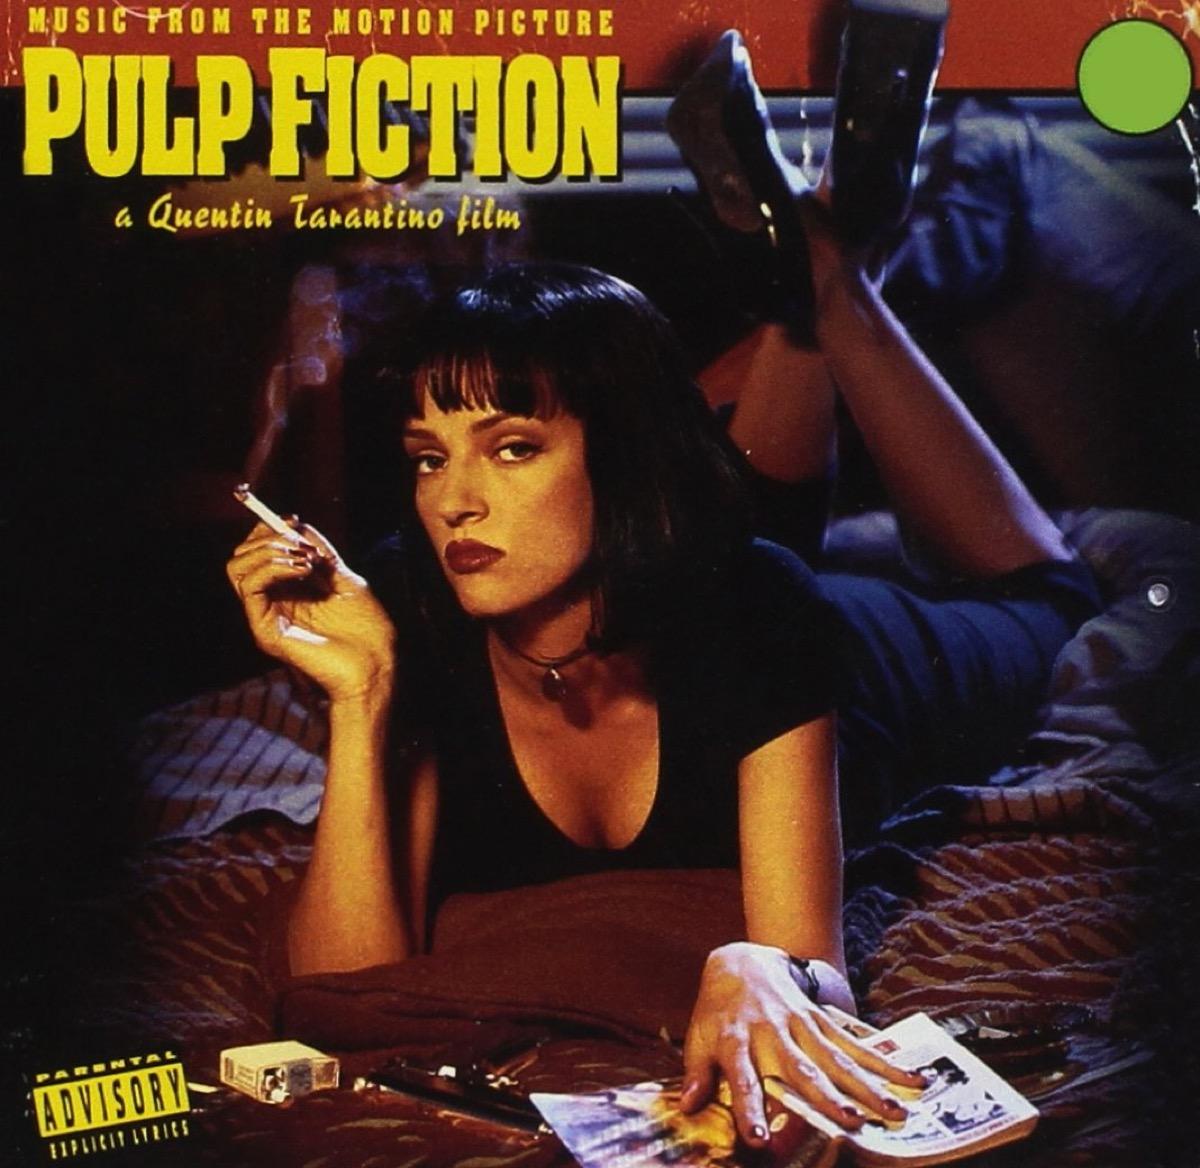 pulp fiction movie soundtrack album cover